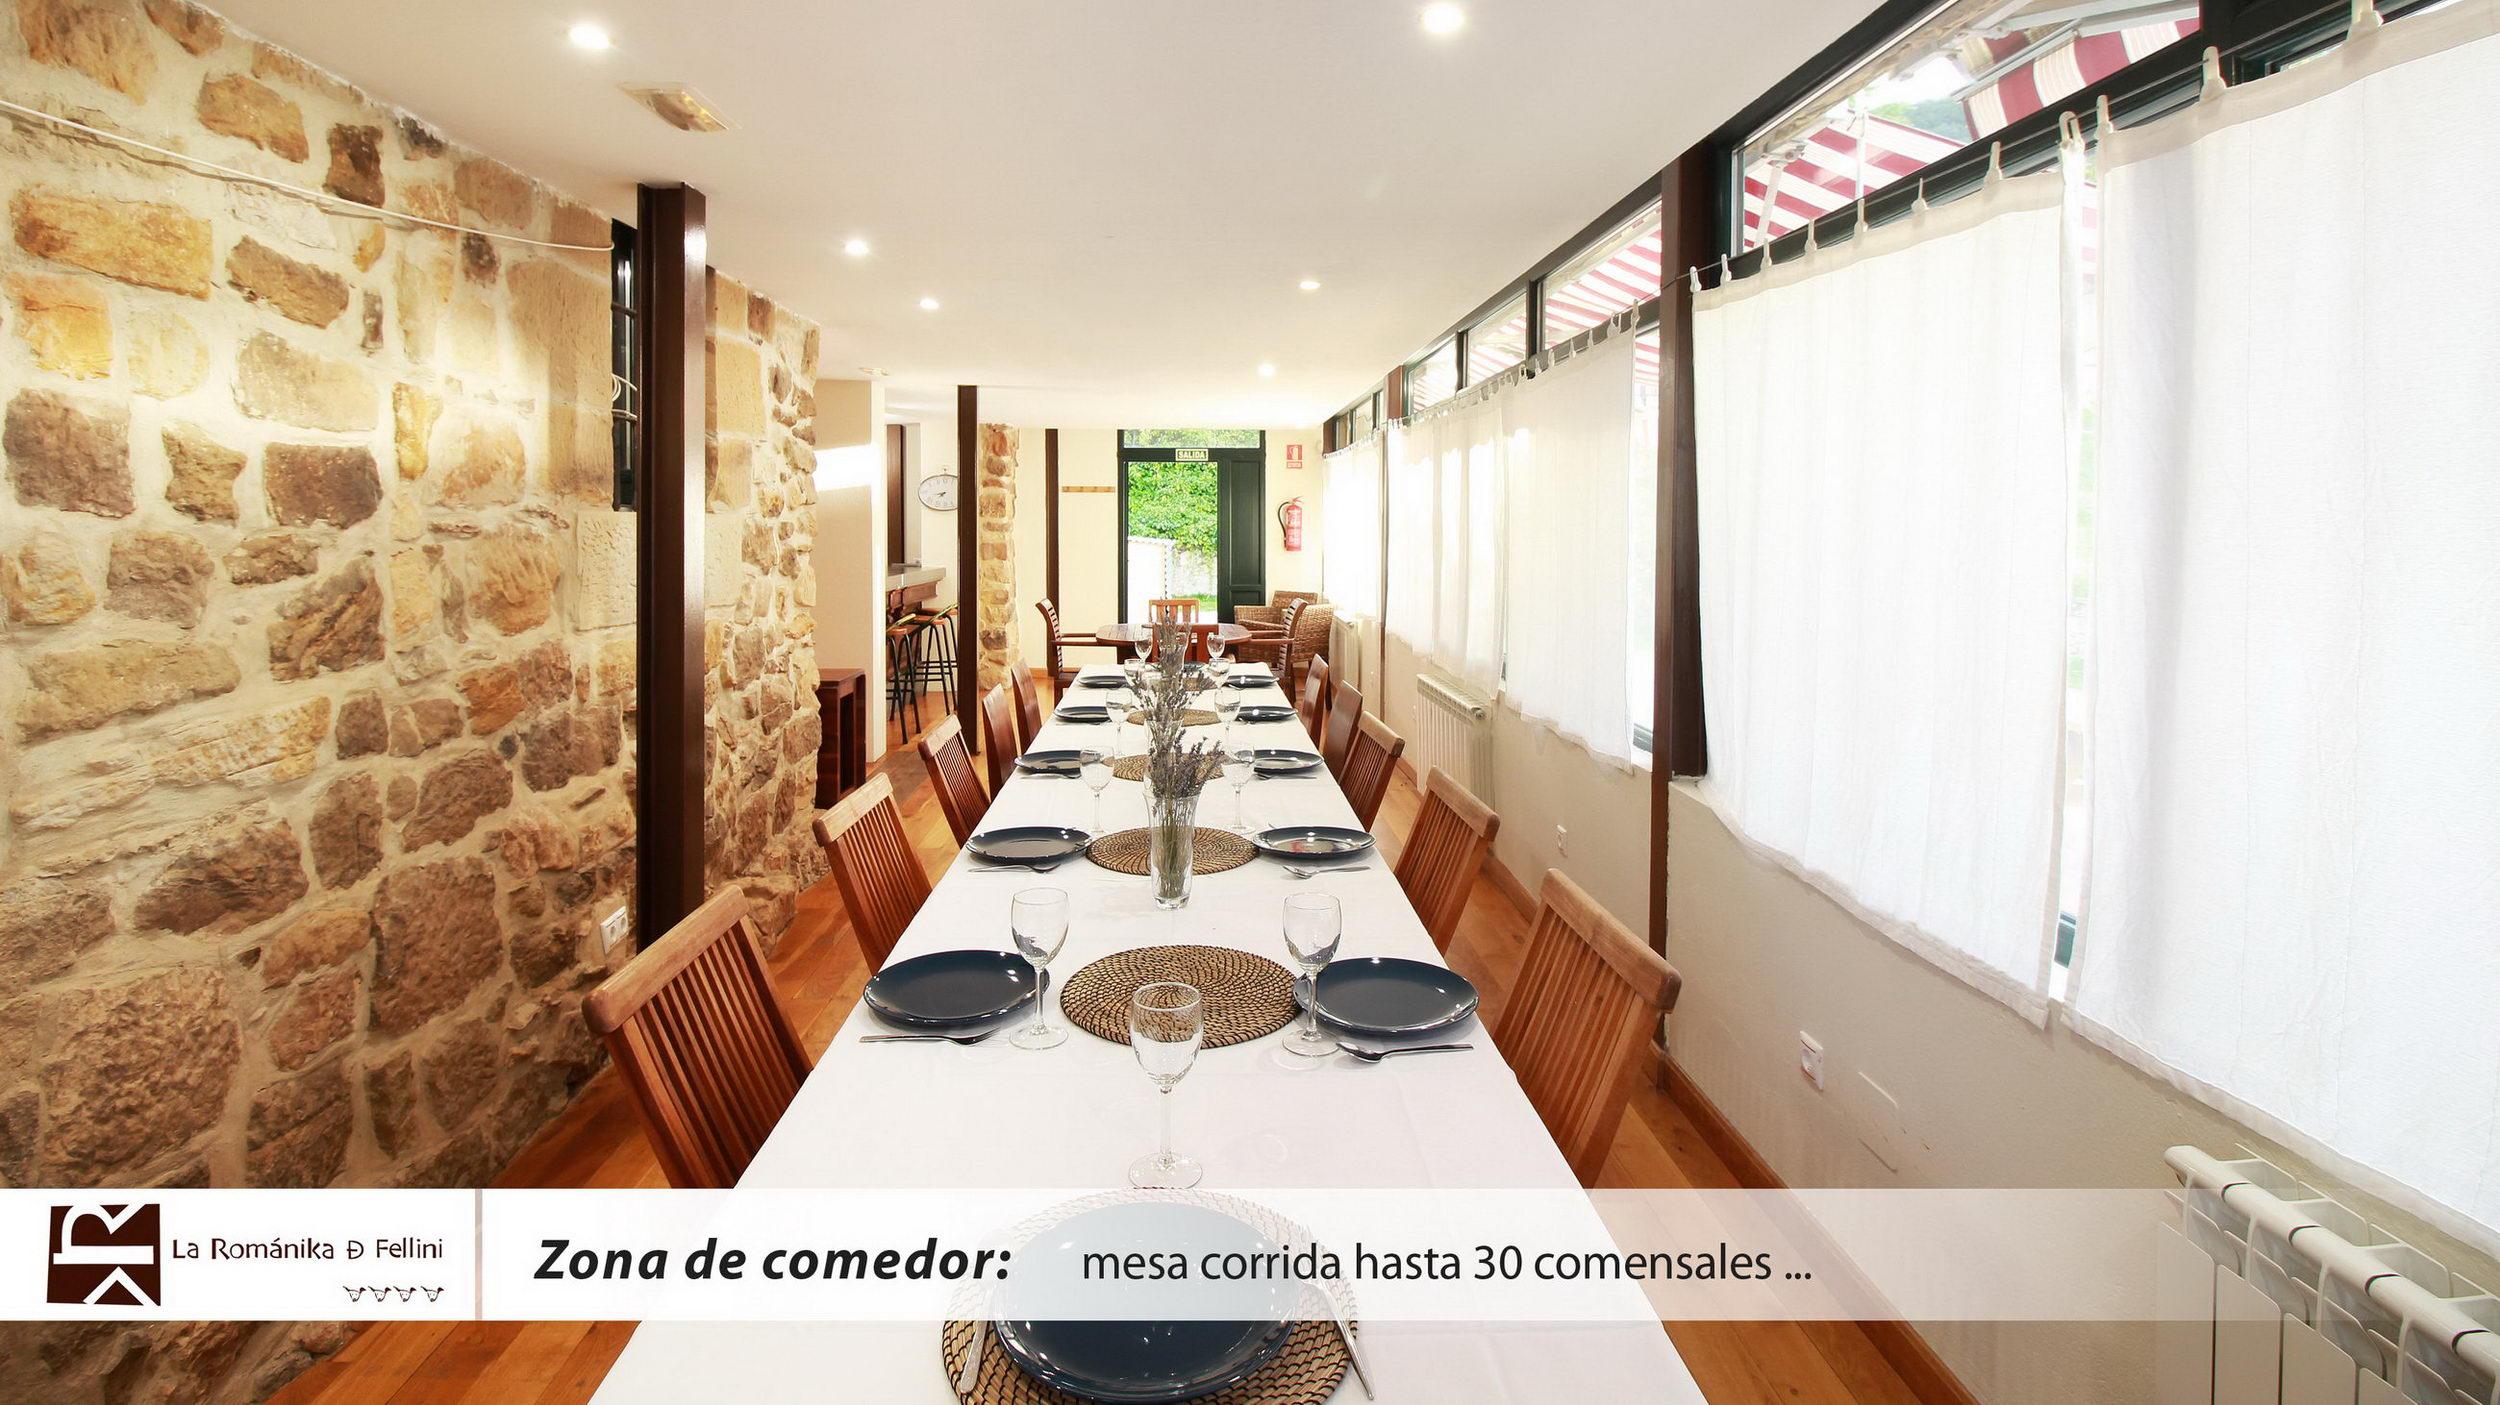 3-LaRomanikaDeFelliniComedor-03